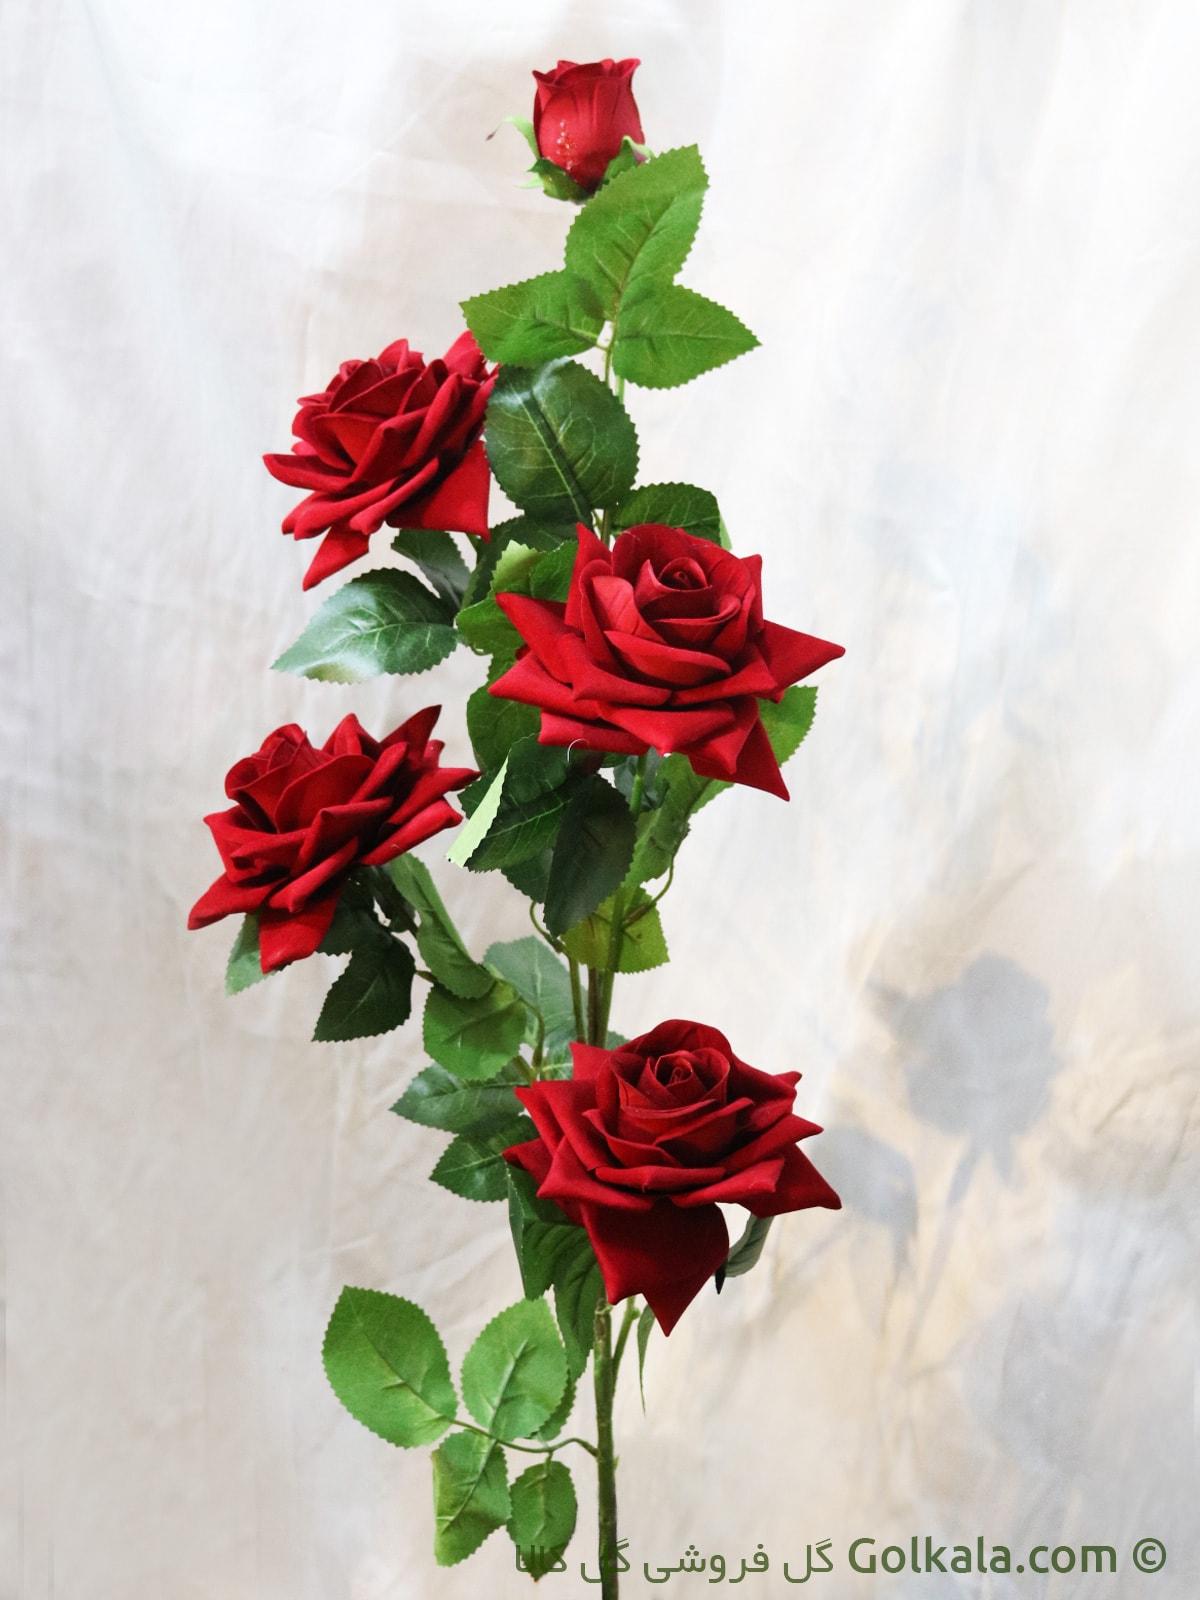 گالری عکس های گل رز قرمز عاشقانه سری اول   عکس گل رز سرخ زیبا